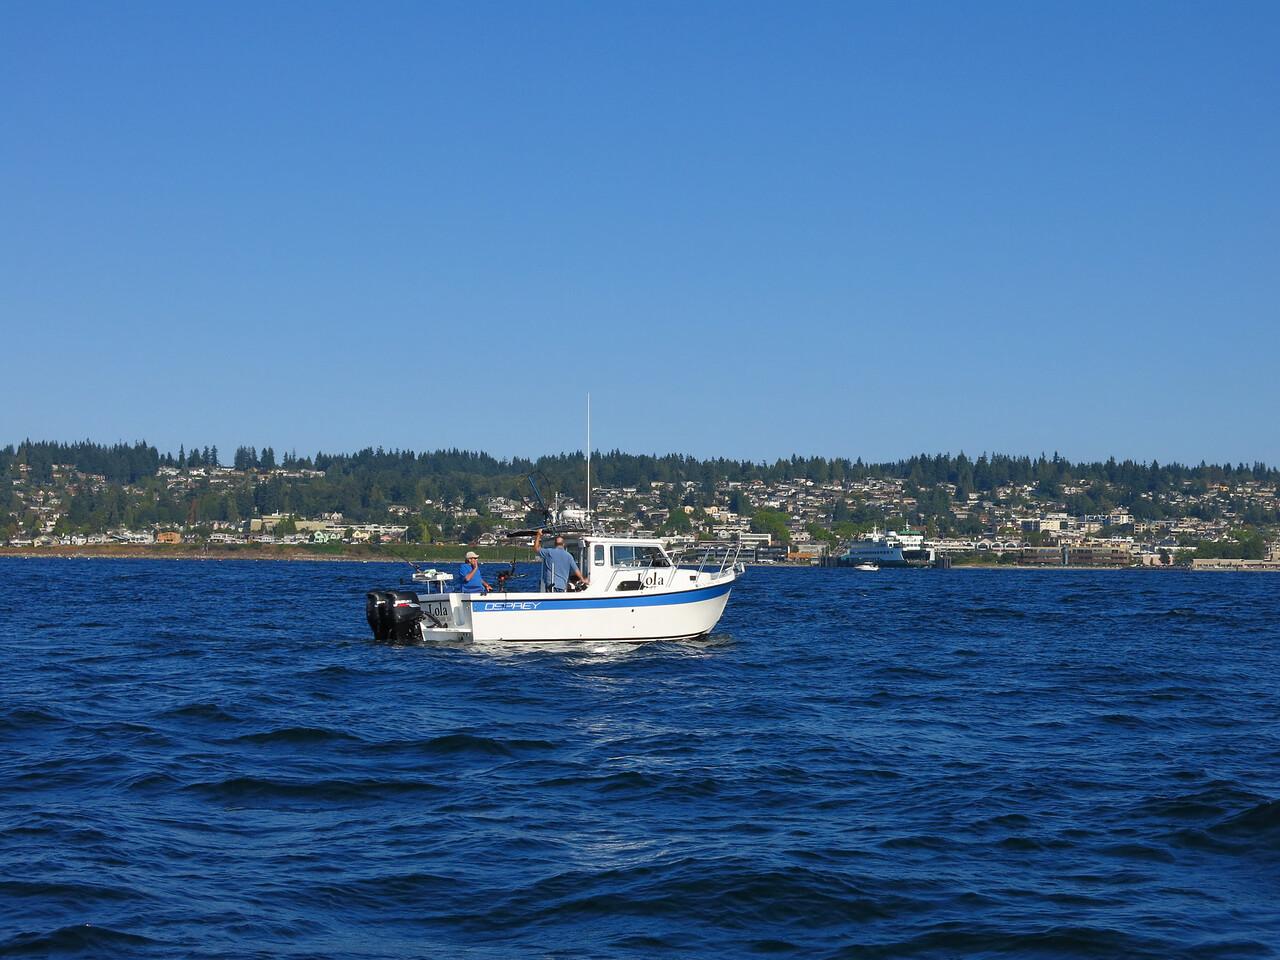 2014-07-26 Sail (25)